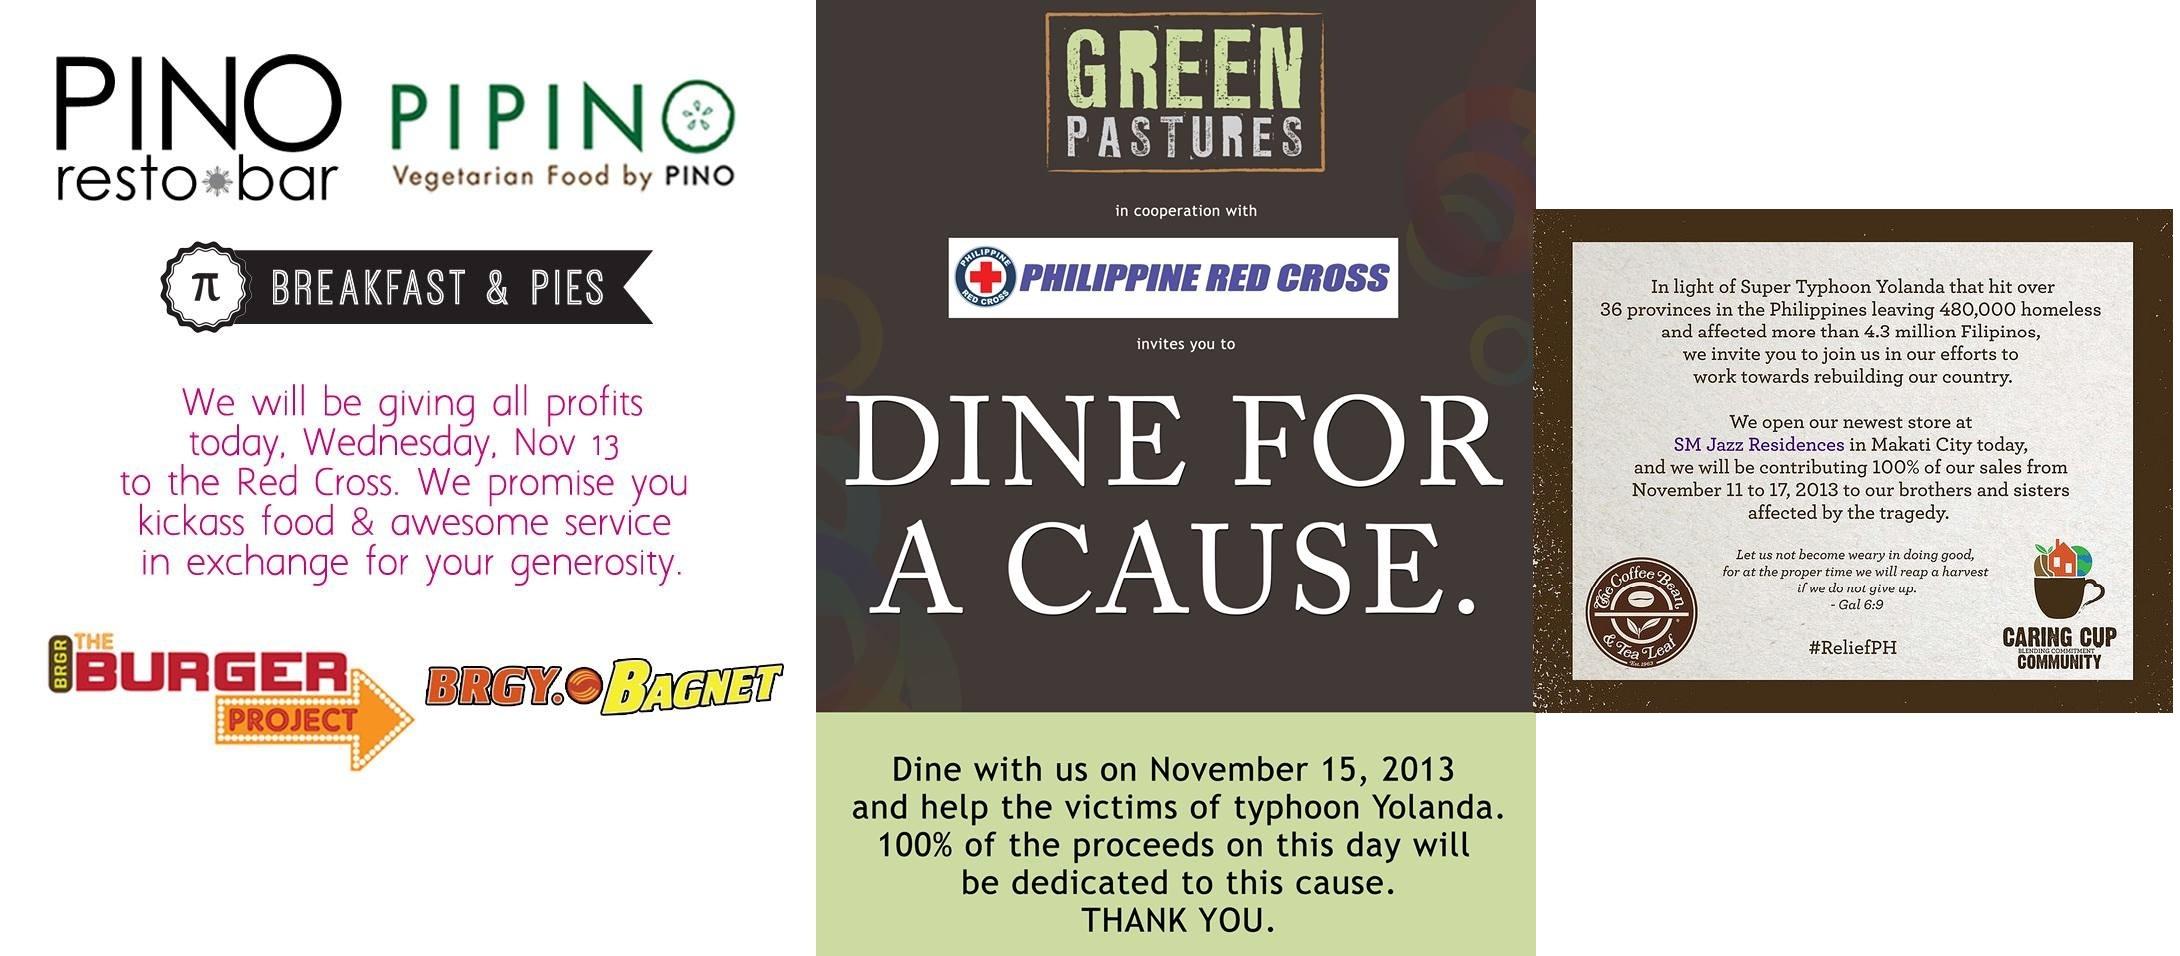 Yolanda Action Weekend - Green Pastures, CBTL, Pino Resto Bar & Pipino Vegetarian November 2013